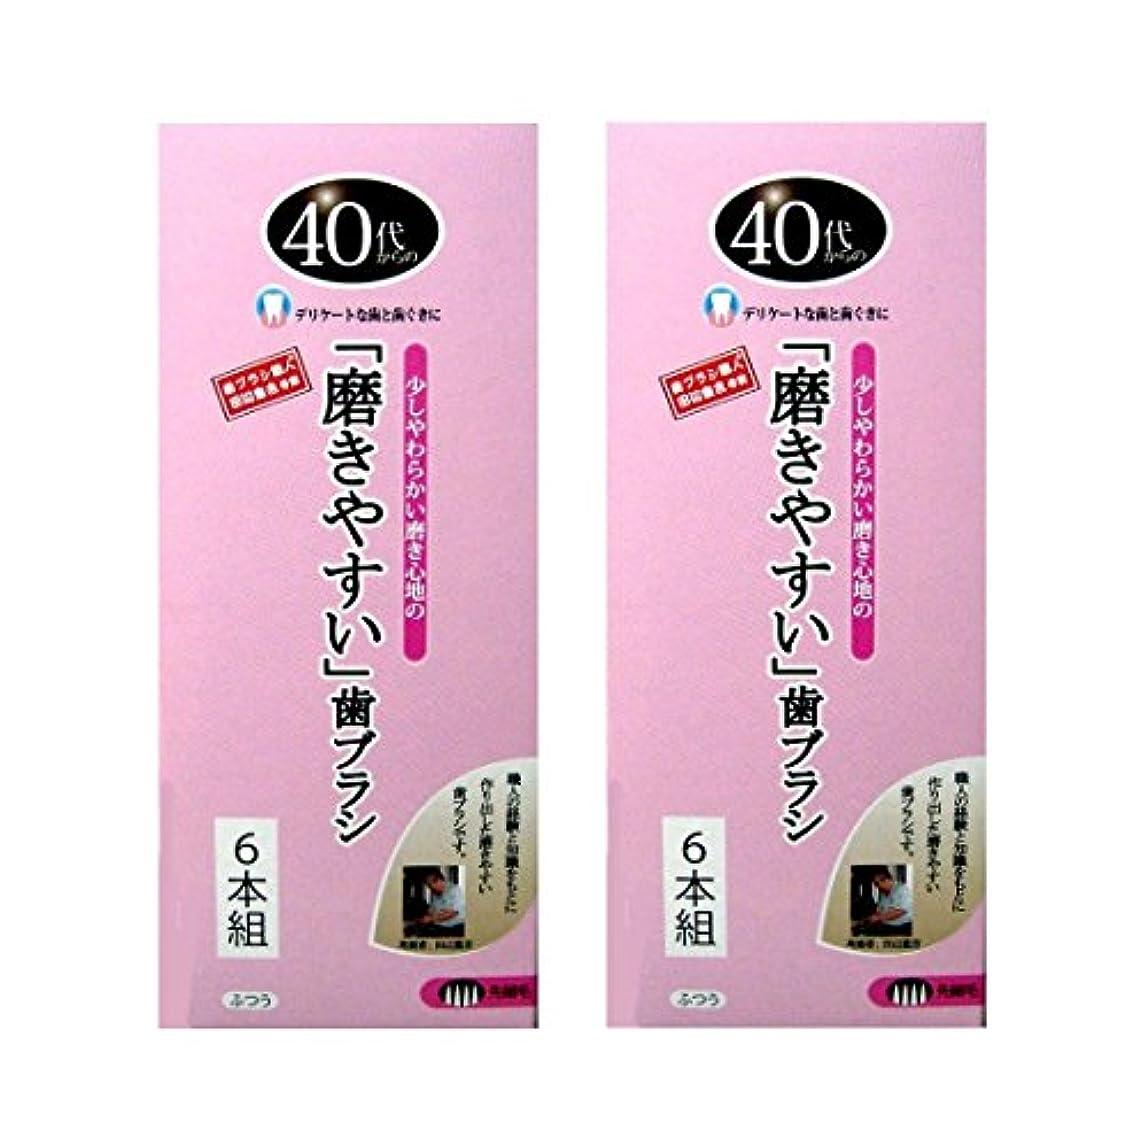 ヒール組み込む圧縮歯ブラシ職人 田辺重吉考案 40代からの磨きやすい歯ブラシ 先細 6本組×2個セット